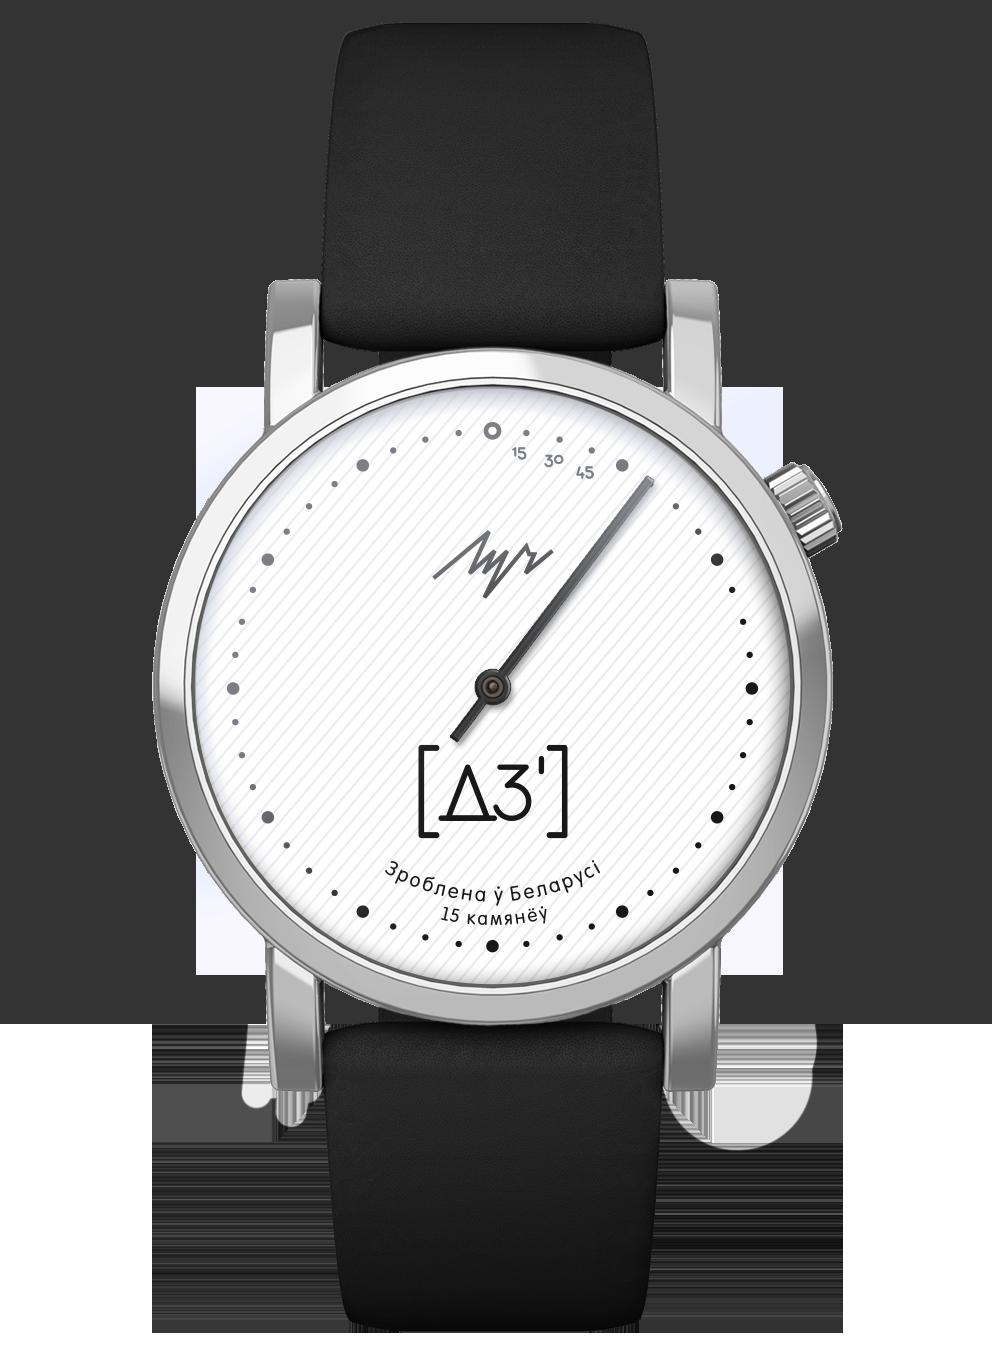 Купить часы луч официальный сайт цены